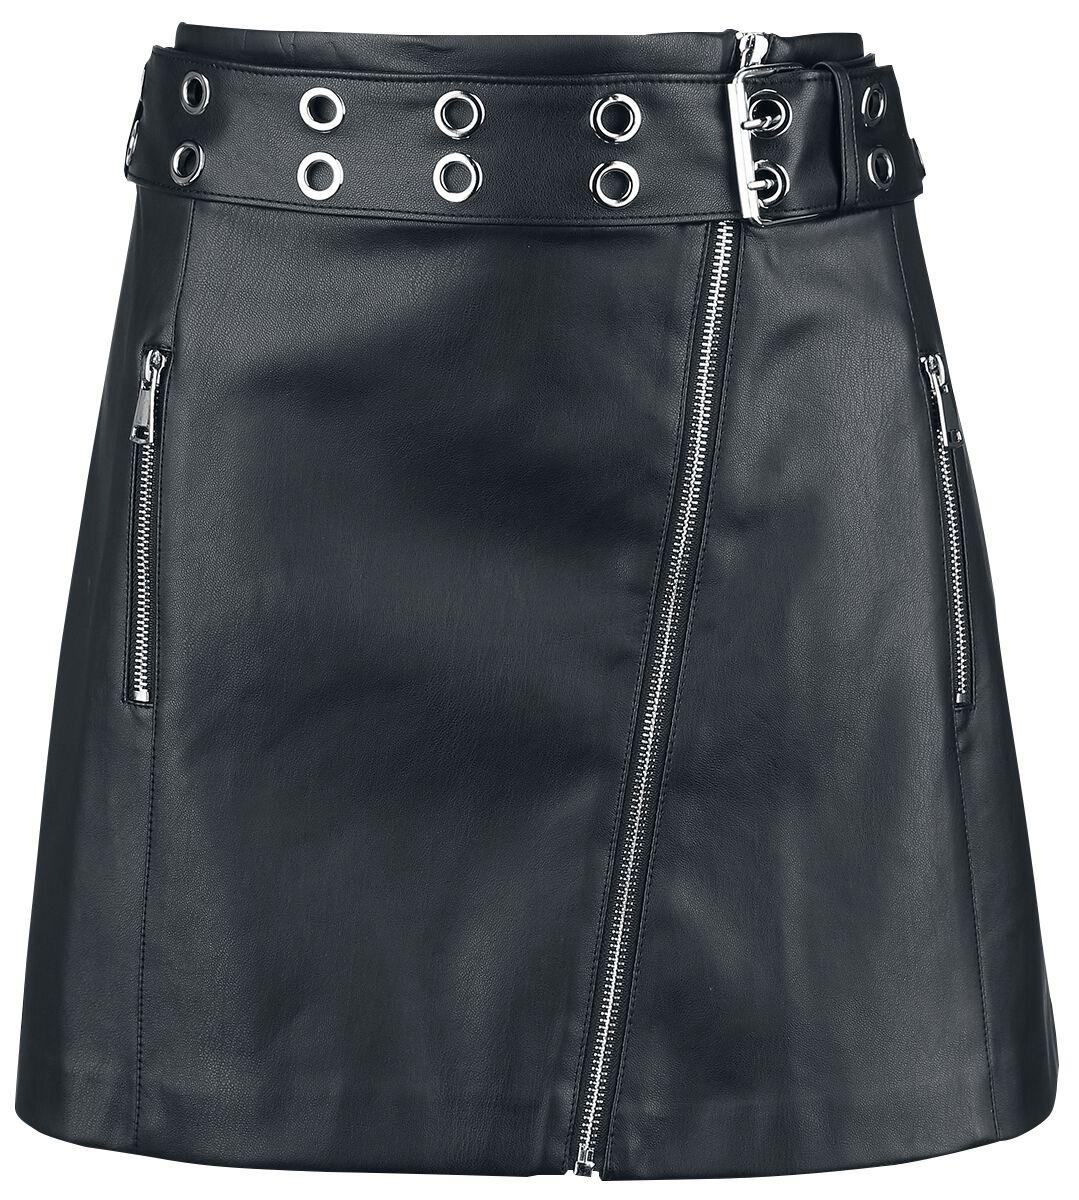 Roecke für Frauen - Forplay PU Asymetric Skirt Kurzer Rock schwarz  - Onlineshop EMP